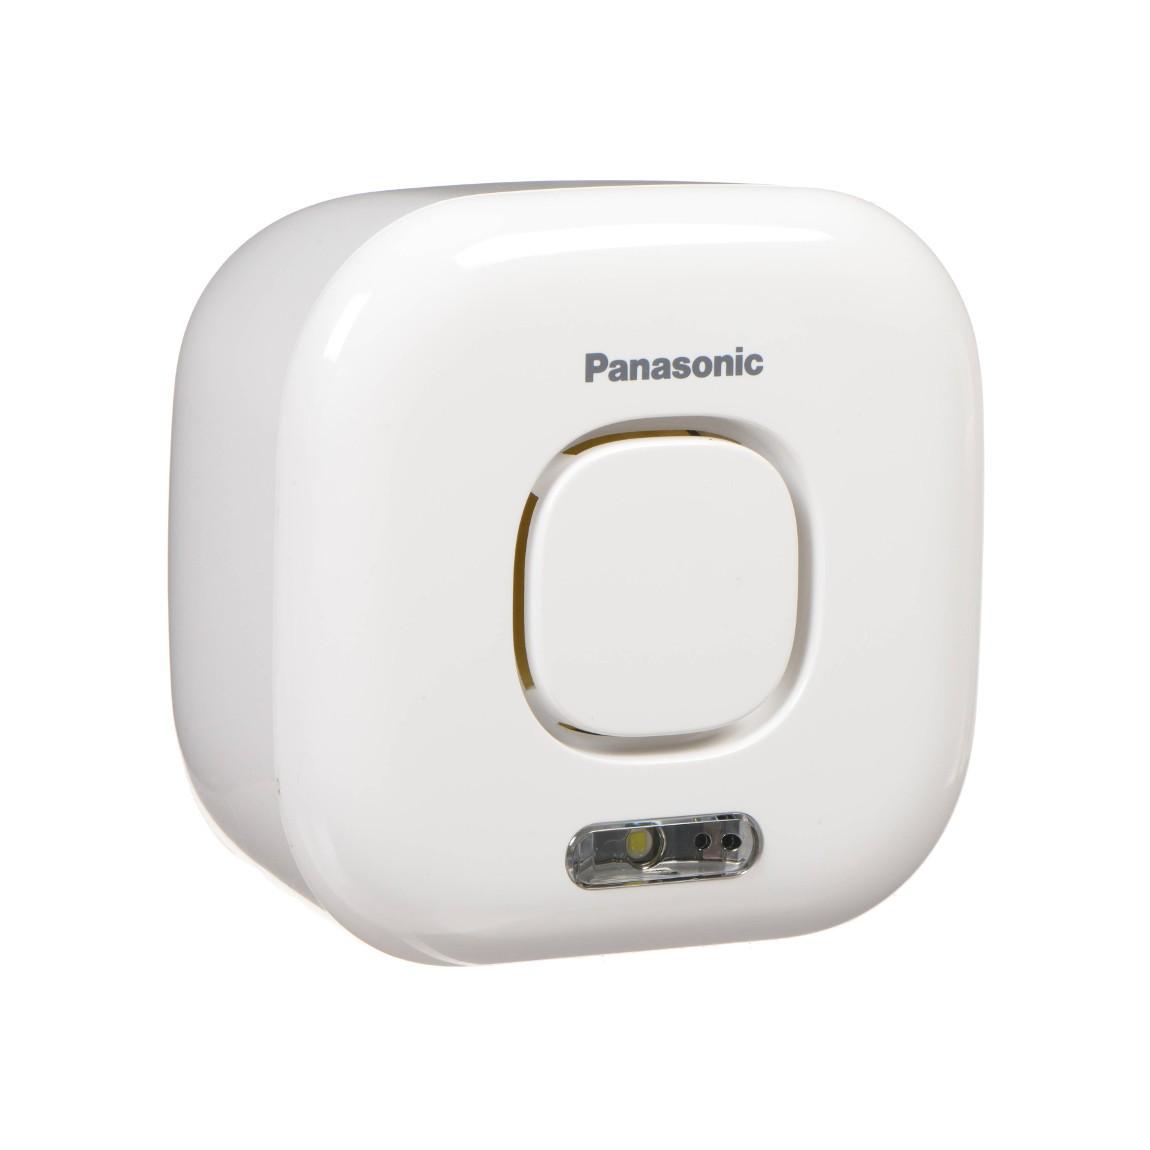 Panasonic Innenraumsirene KX-HNS105 - Weiß